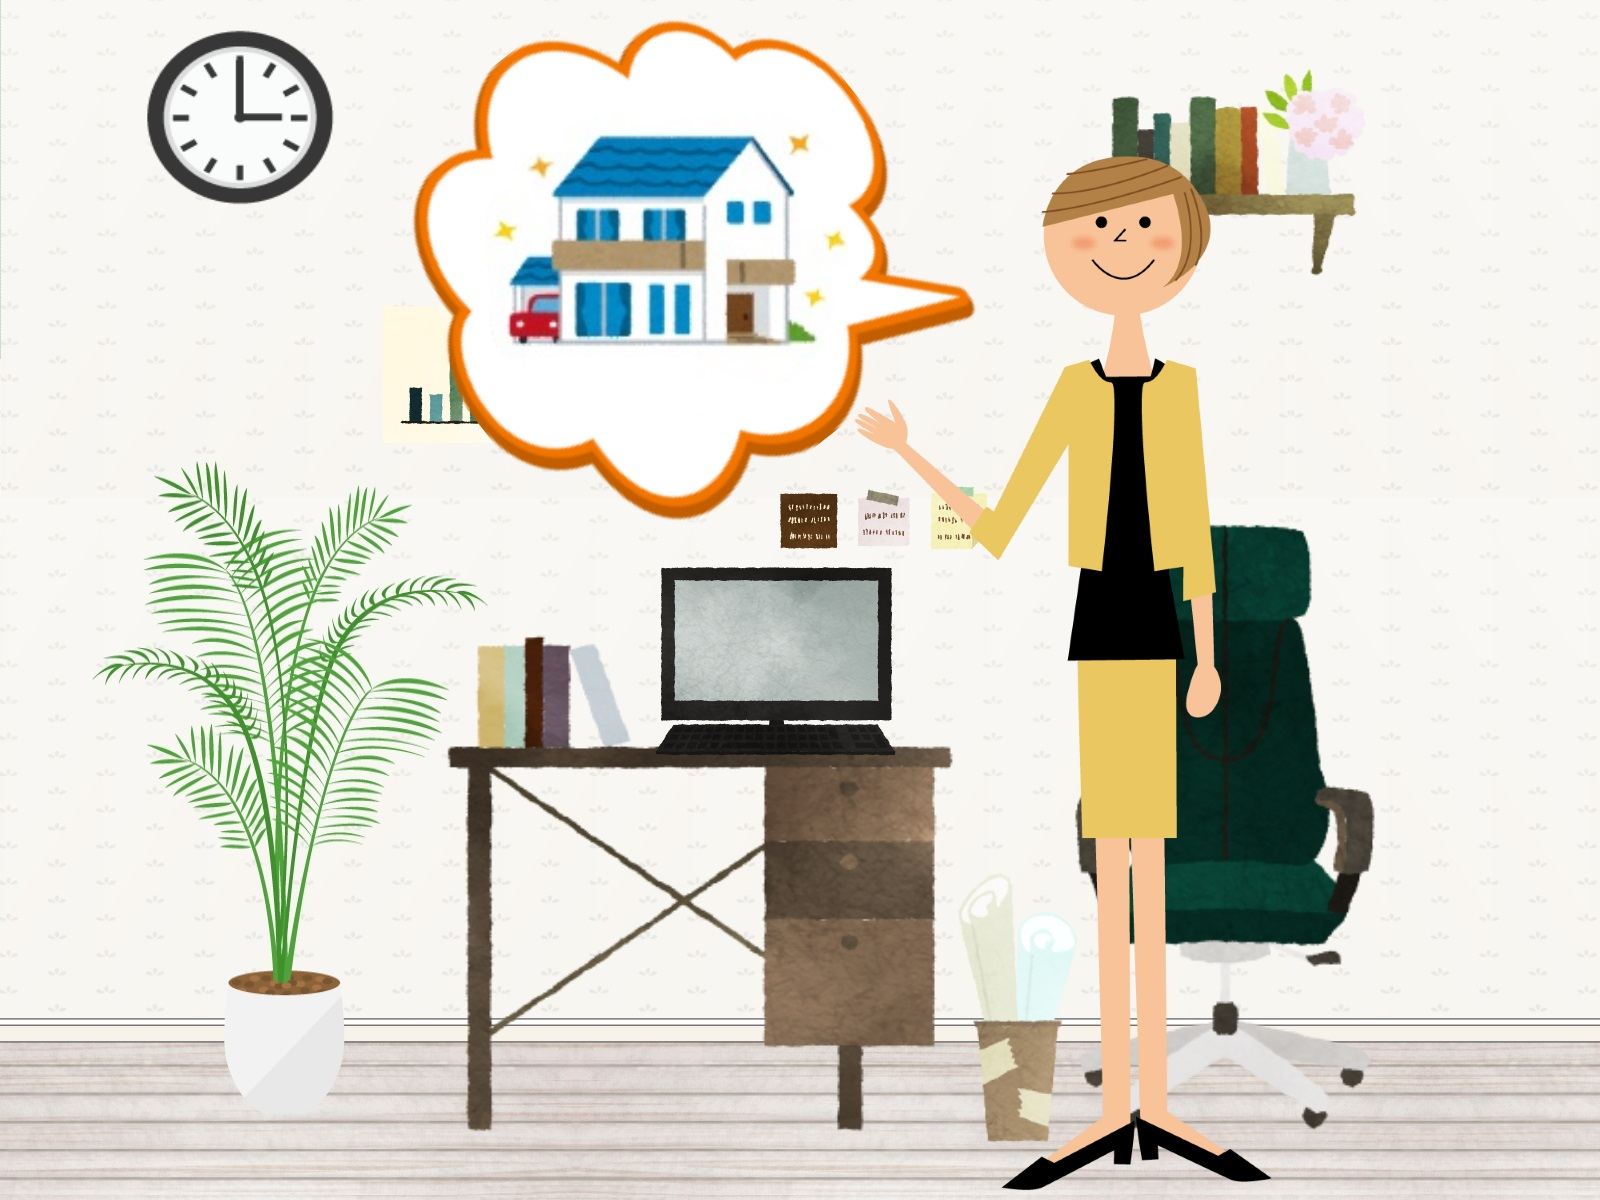 住宅を提案している女性のイラスト